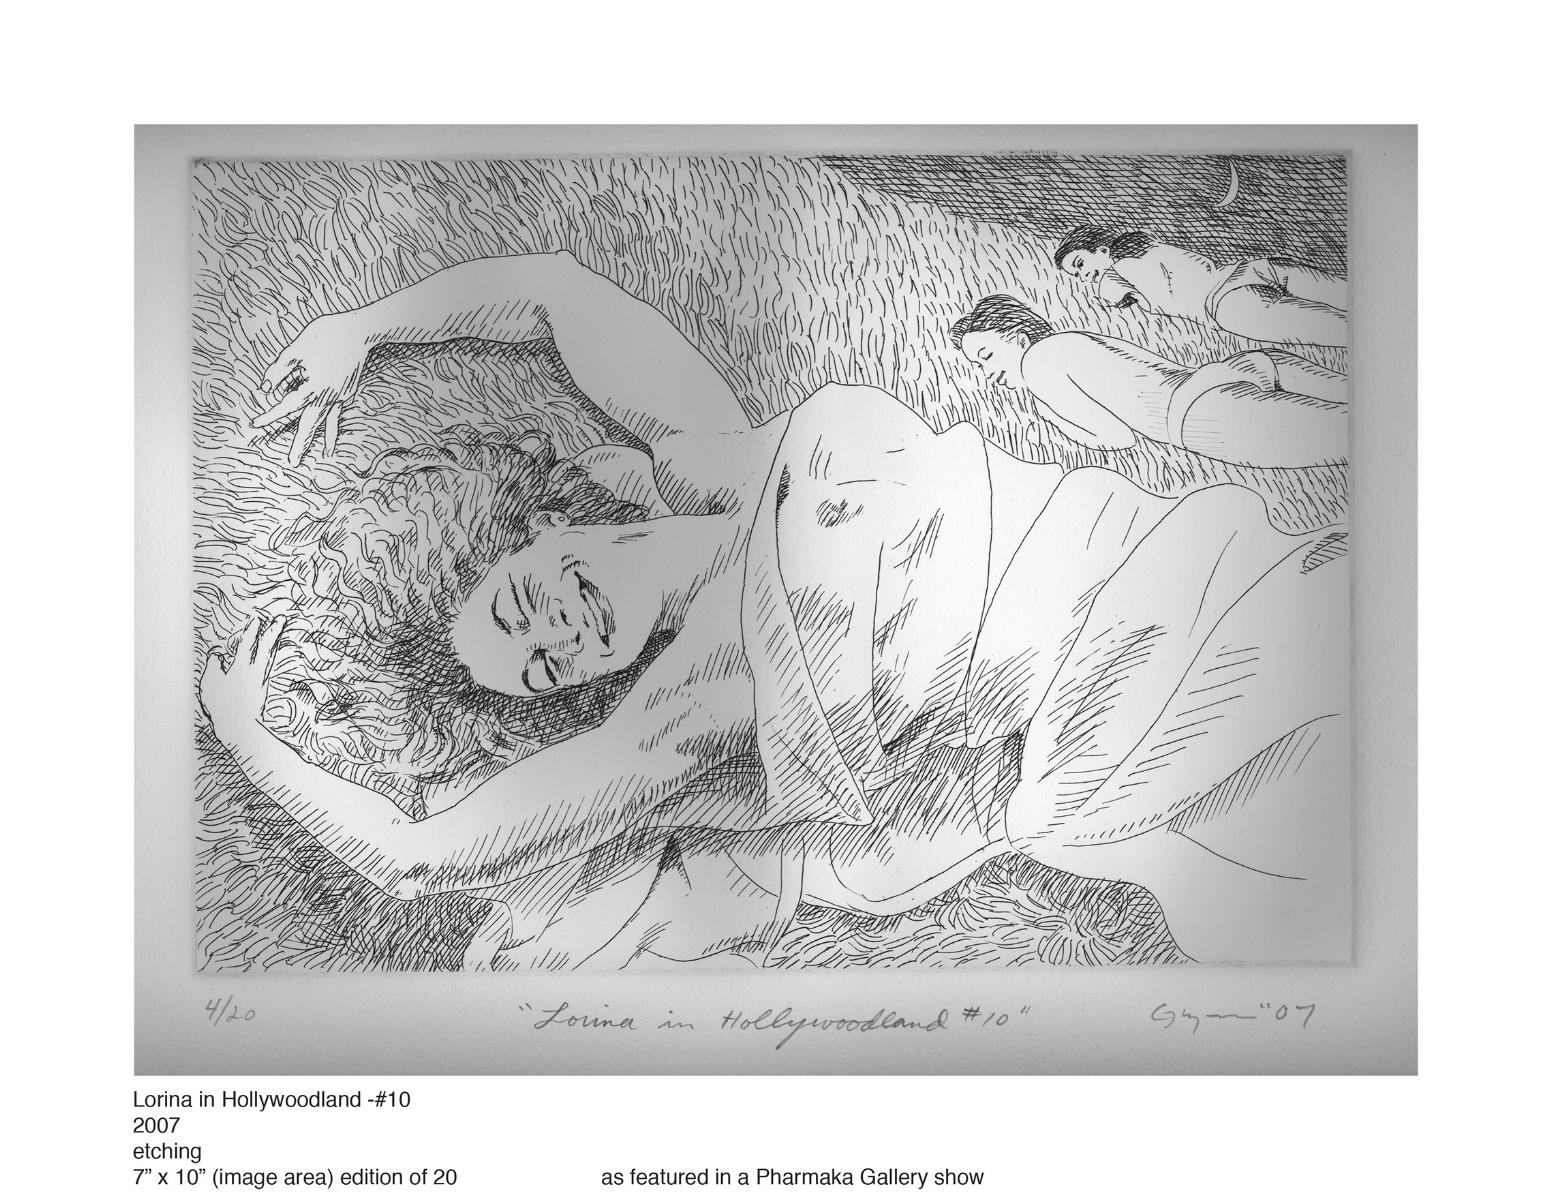 etching 10txtGLYNN.jpg